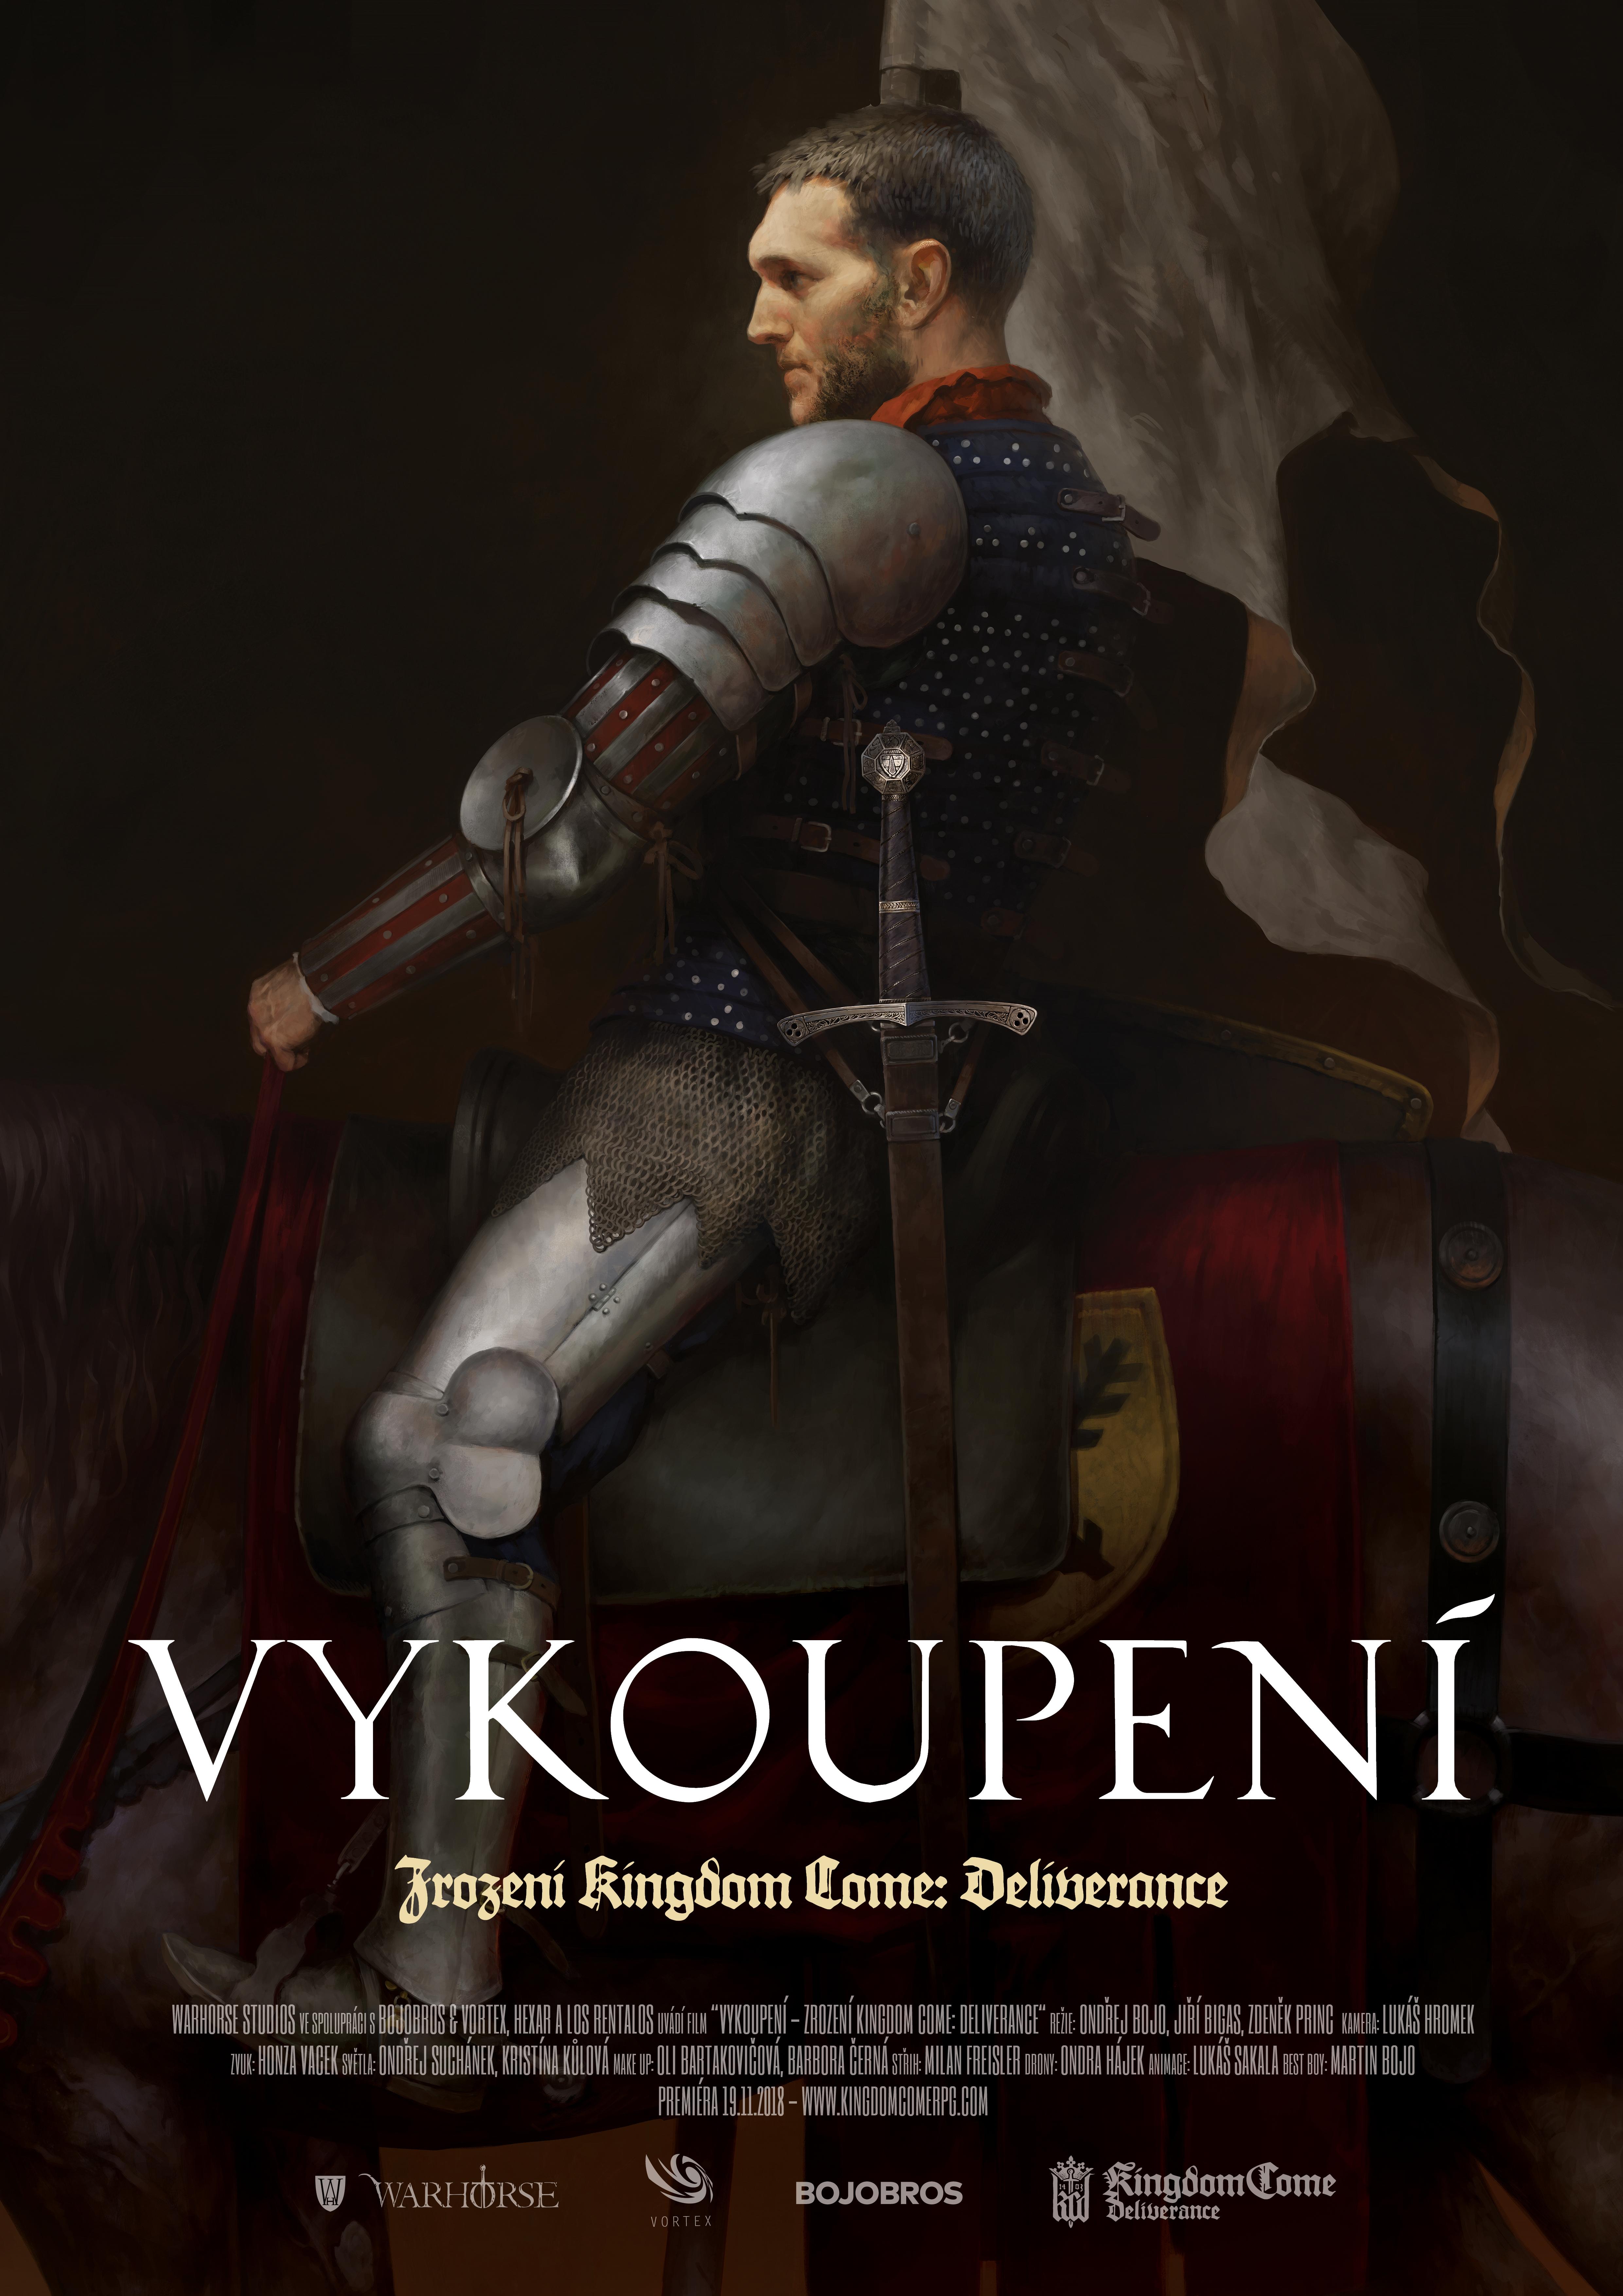 Vykoupení: Zrození Kingdom Come: Deliverance